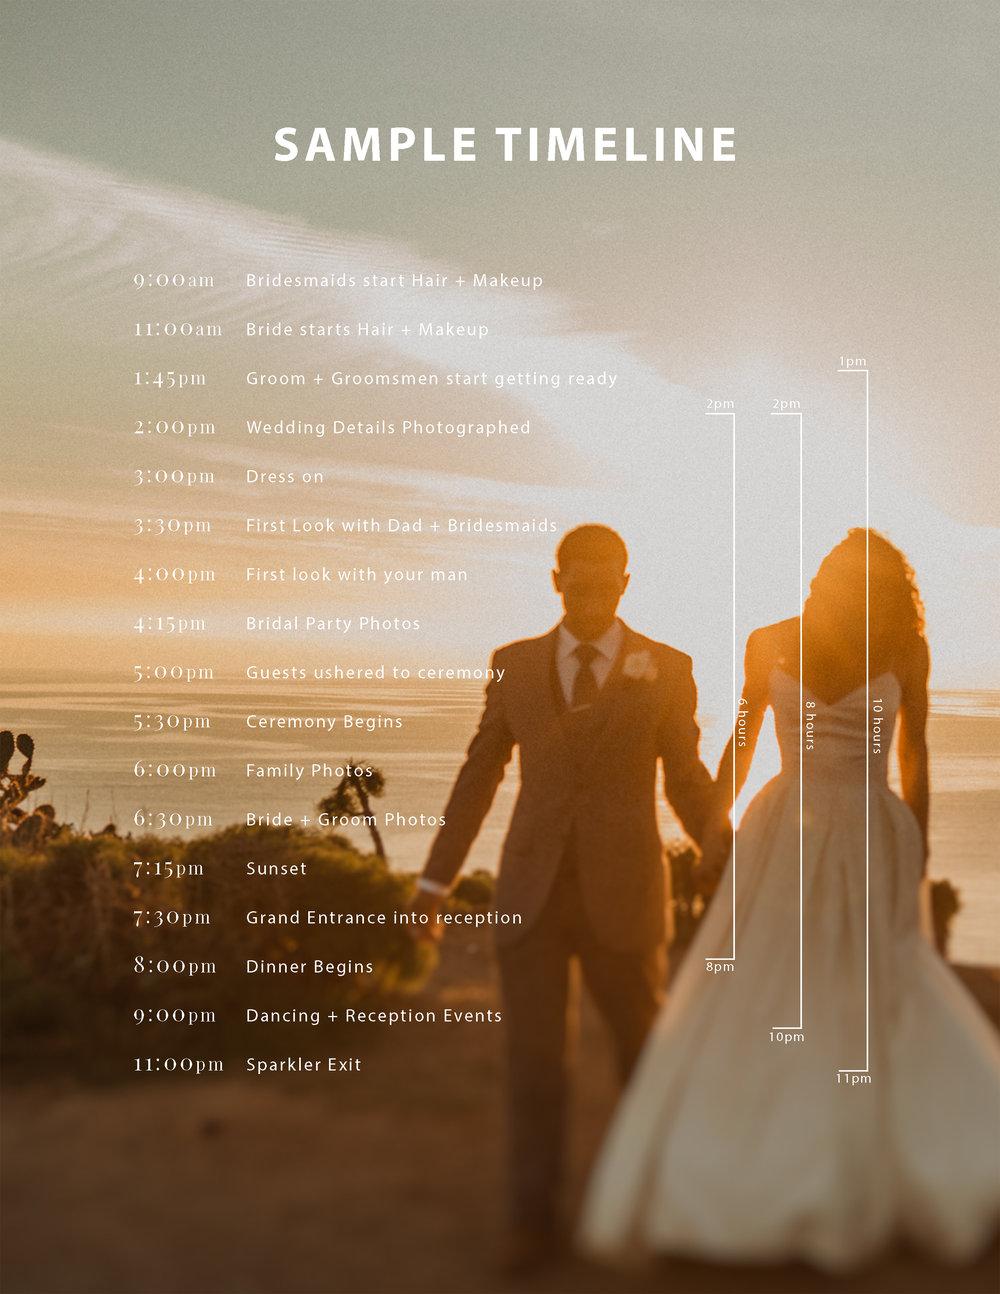 sample timeline21SampleTimeline.jpg